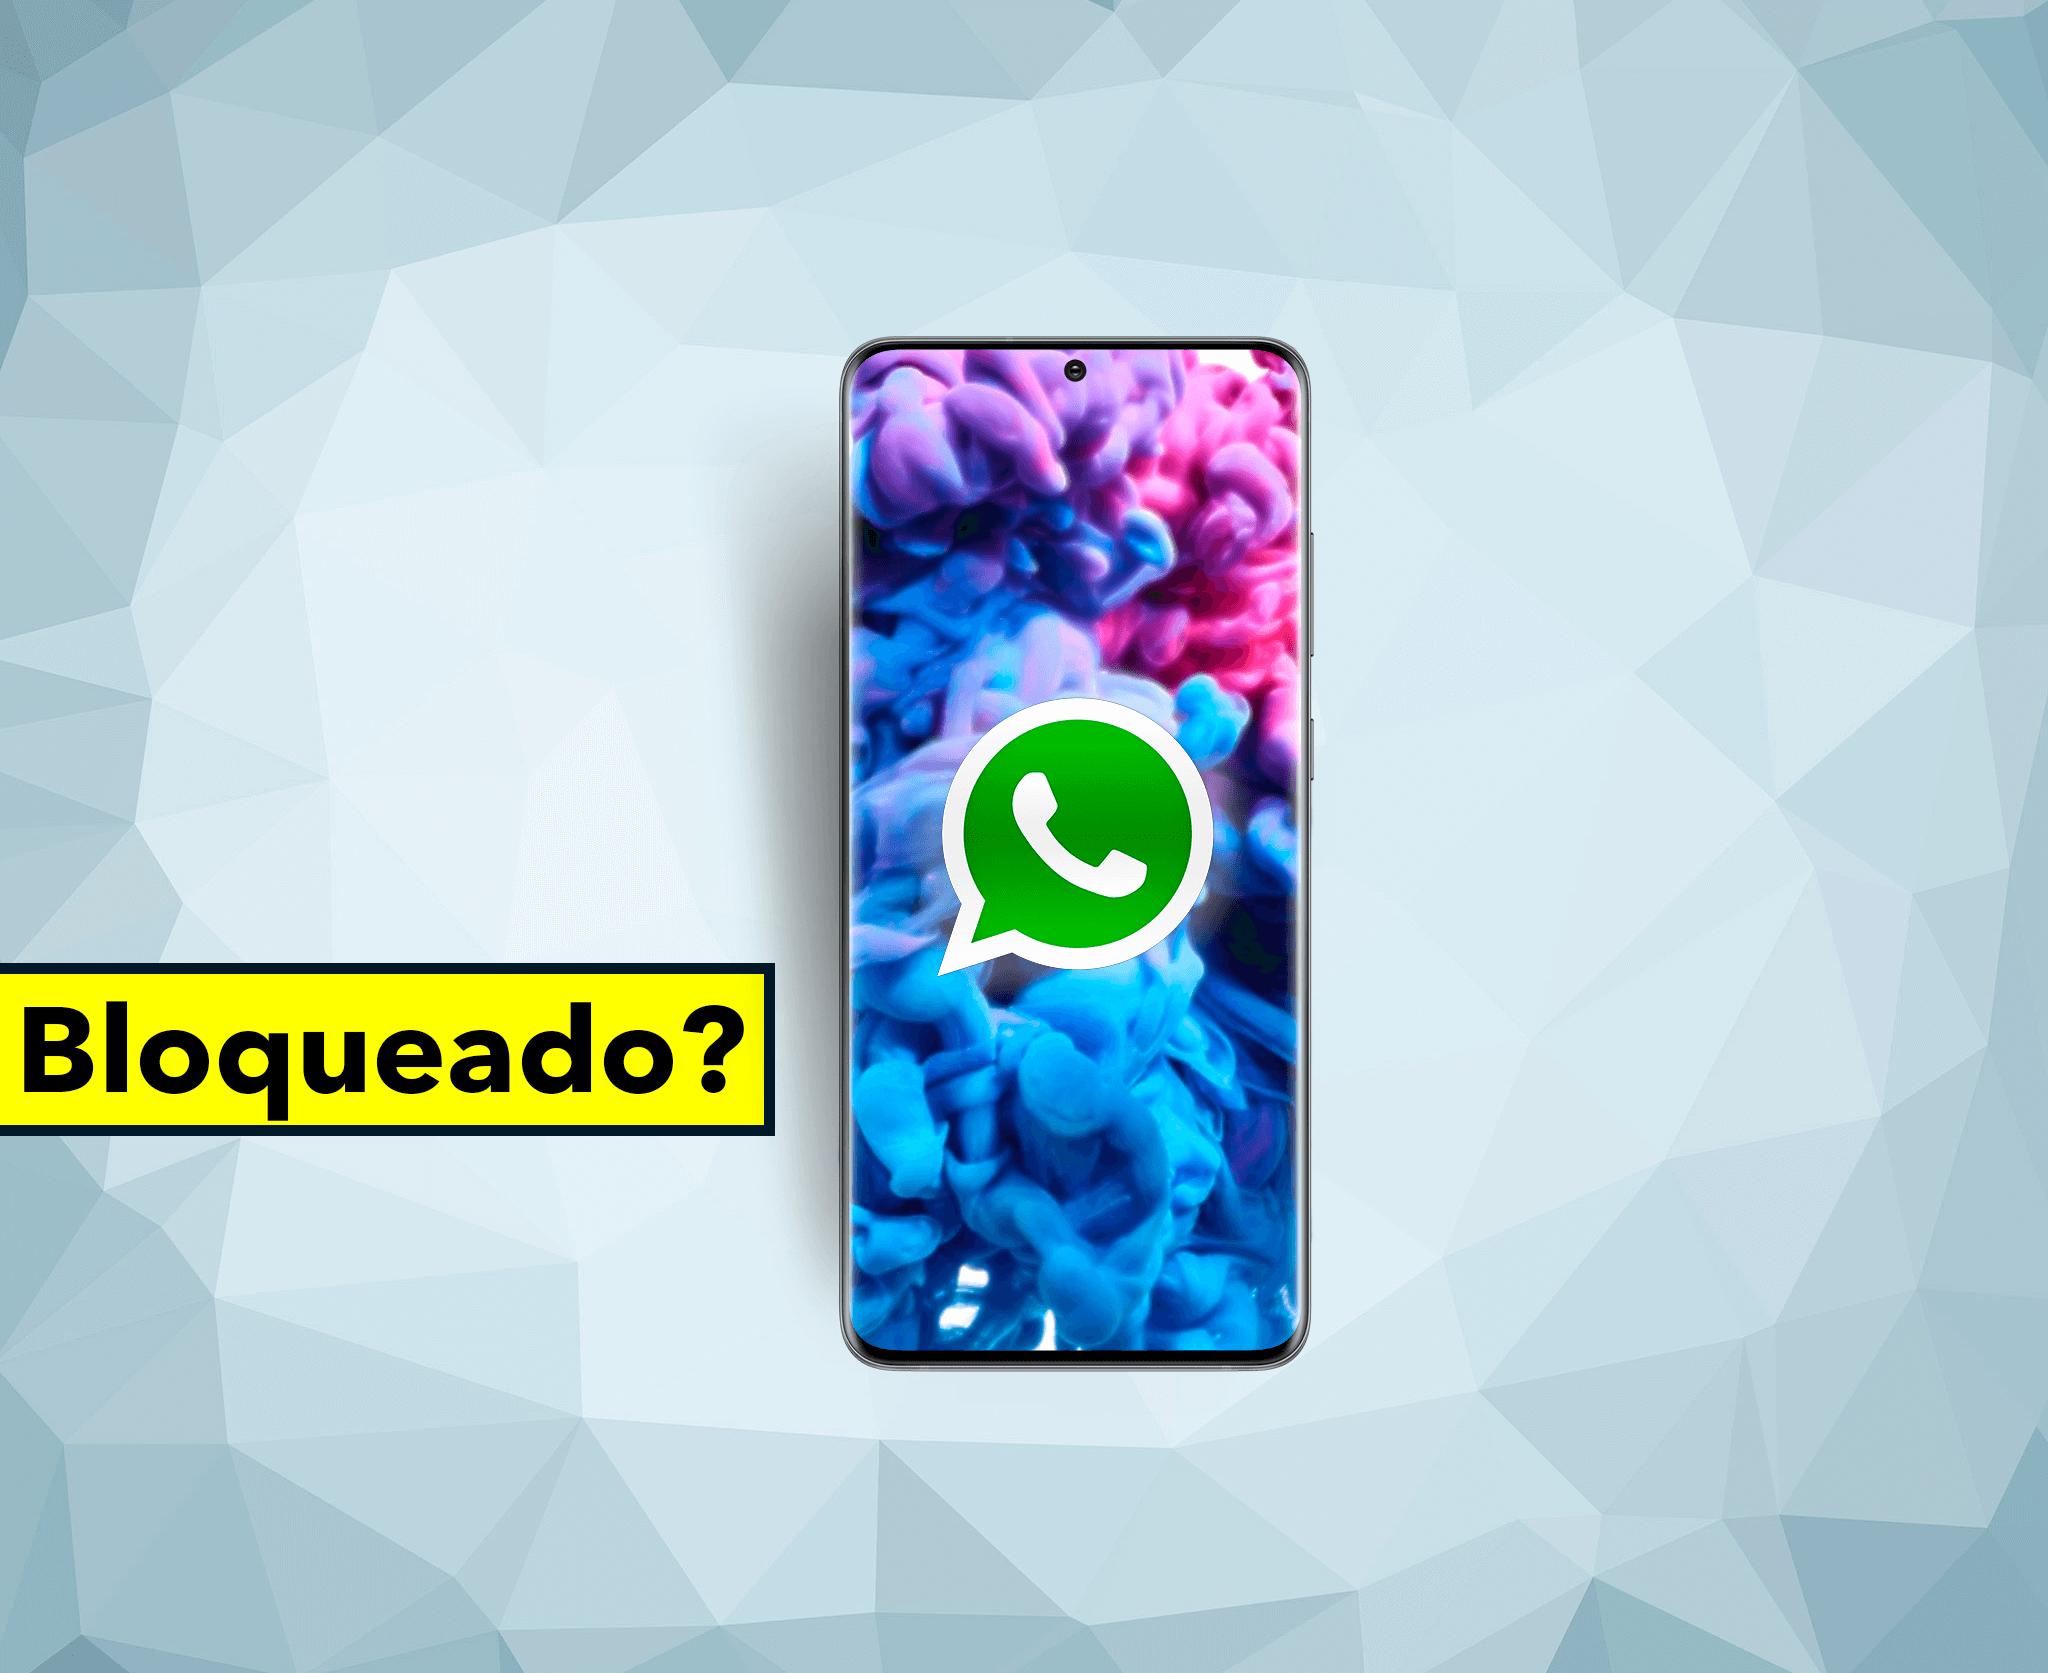 Los trucos definitivos para saber si alguien te ha bloqueado en WhatsApp